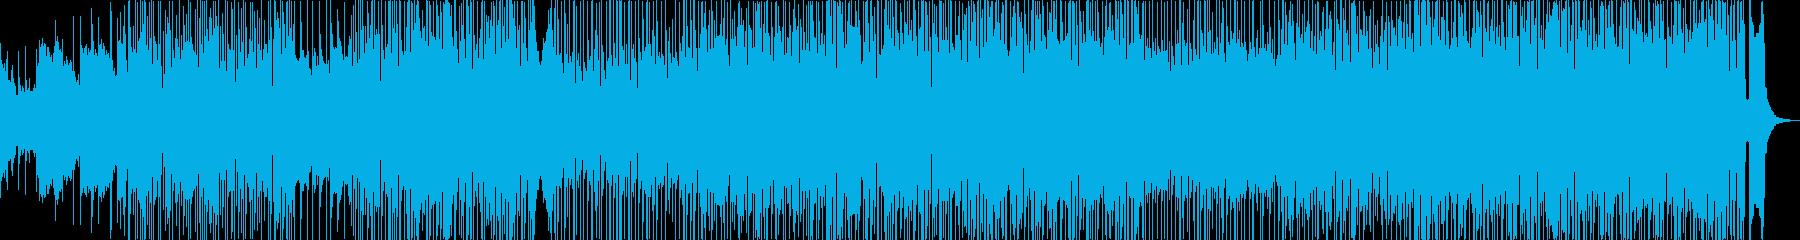 ブラスとカッティング、ファンクポップの再生済みの波形